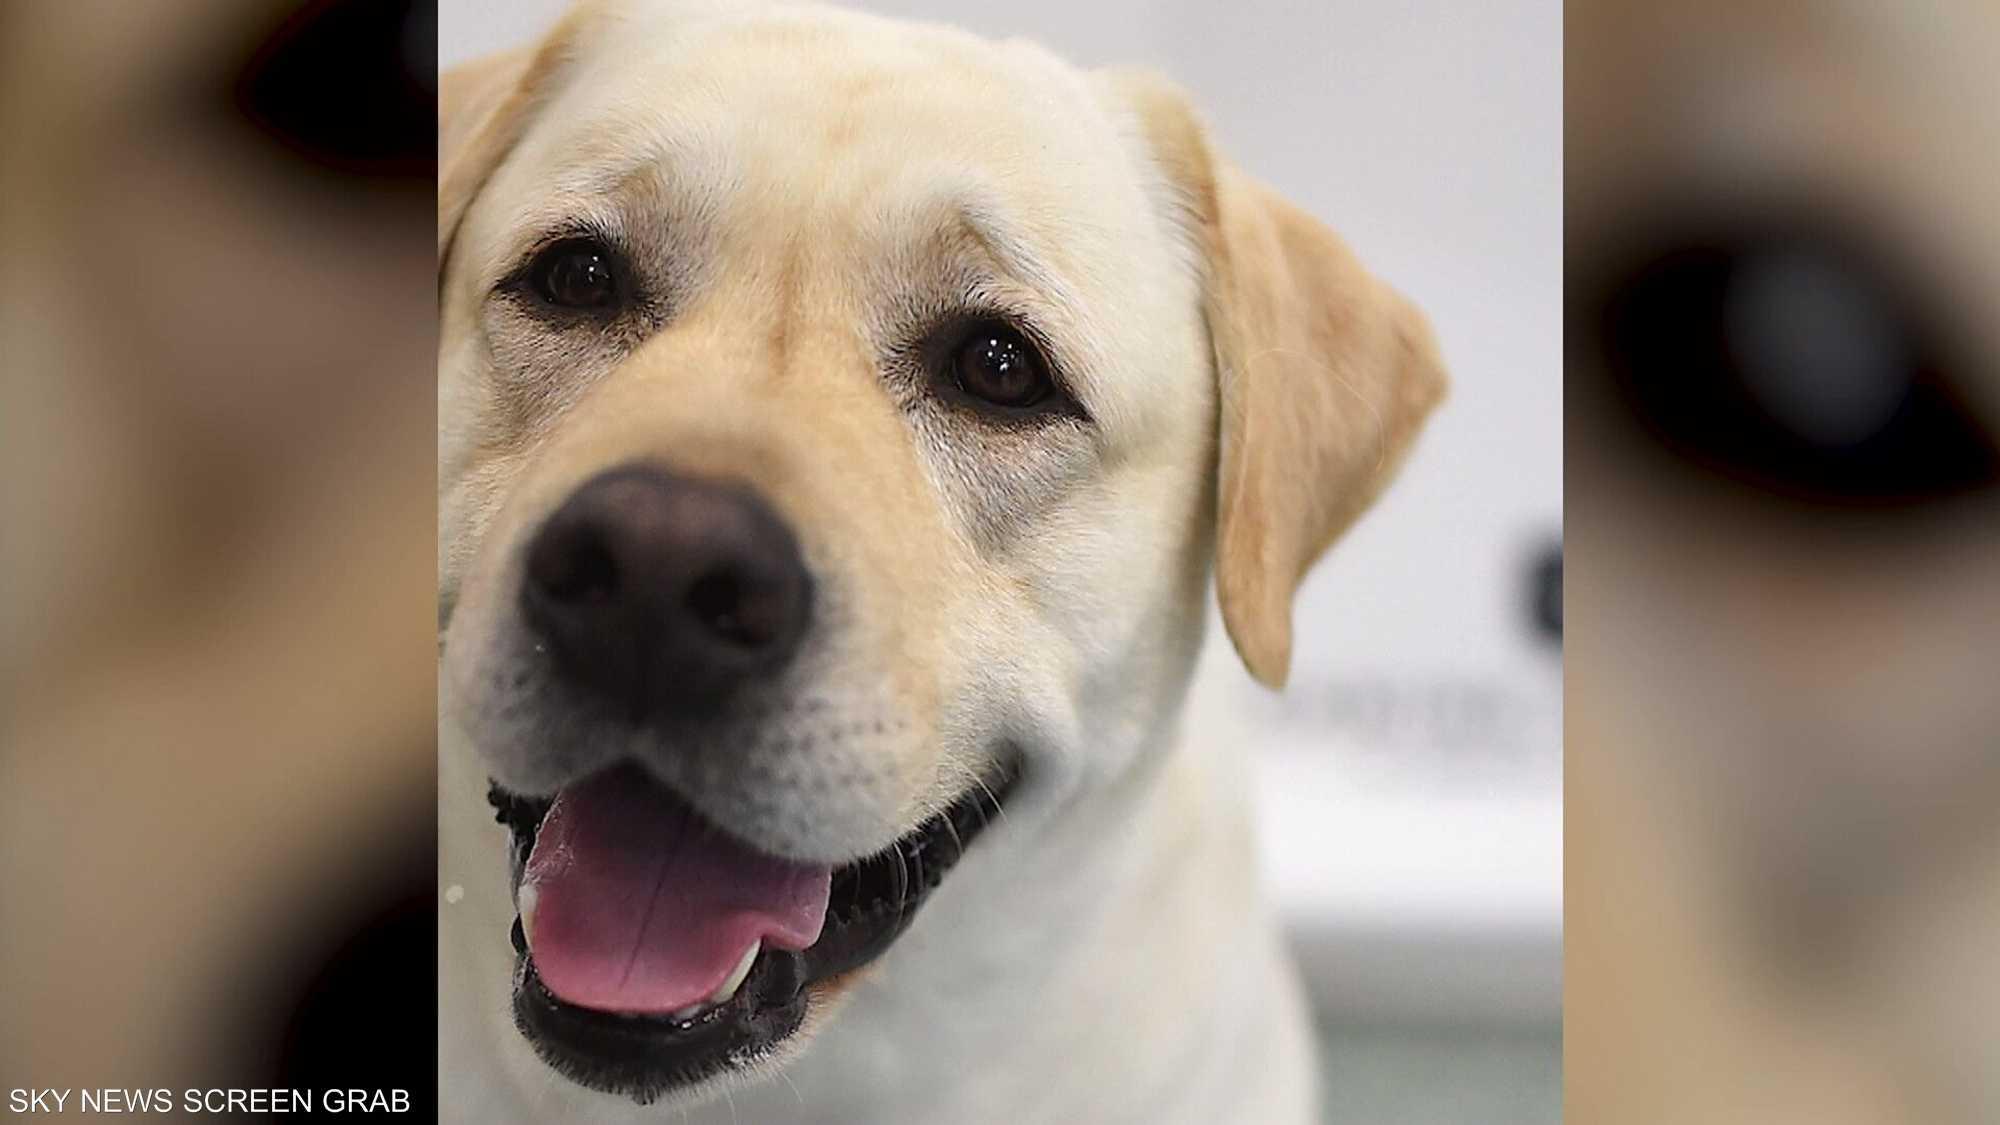 تجارب لكشف كورونا عبر حاسة الشم عند الكلاب